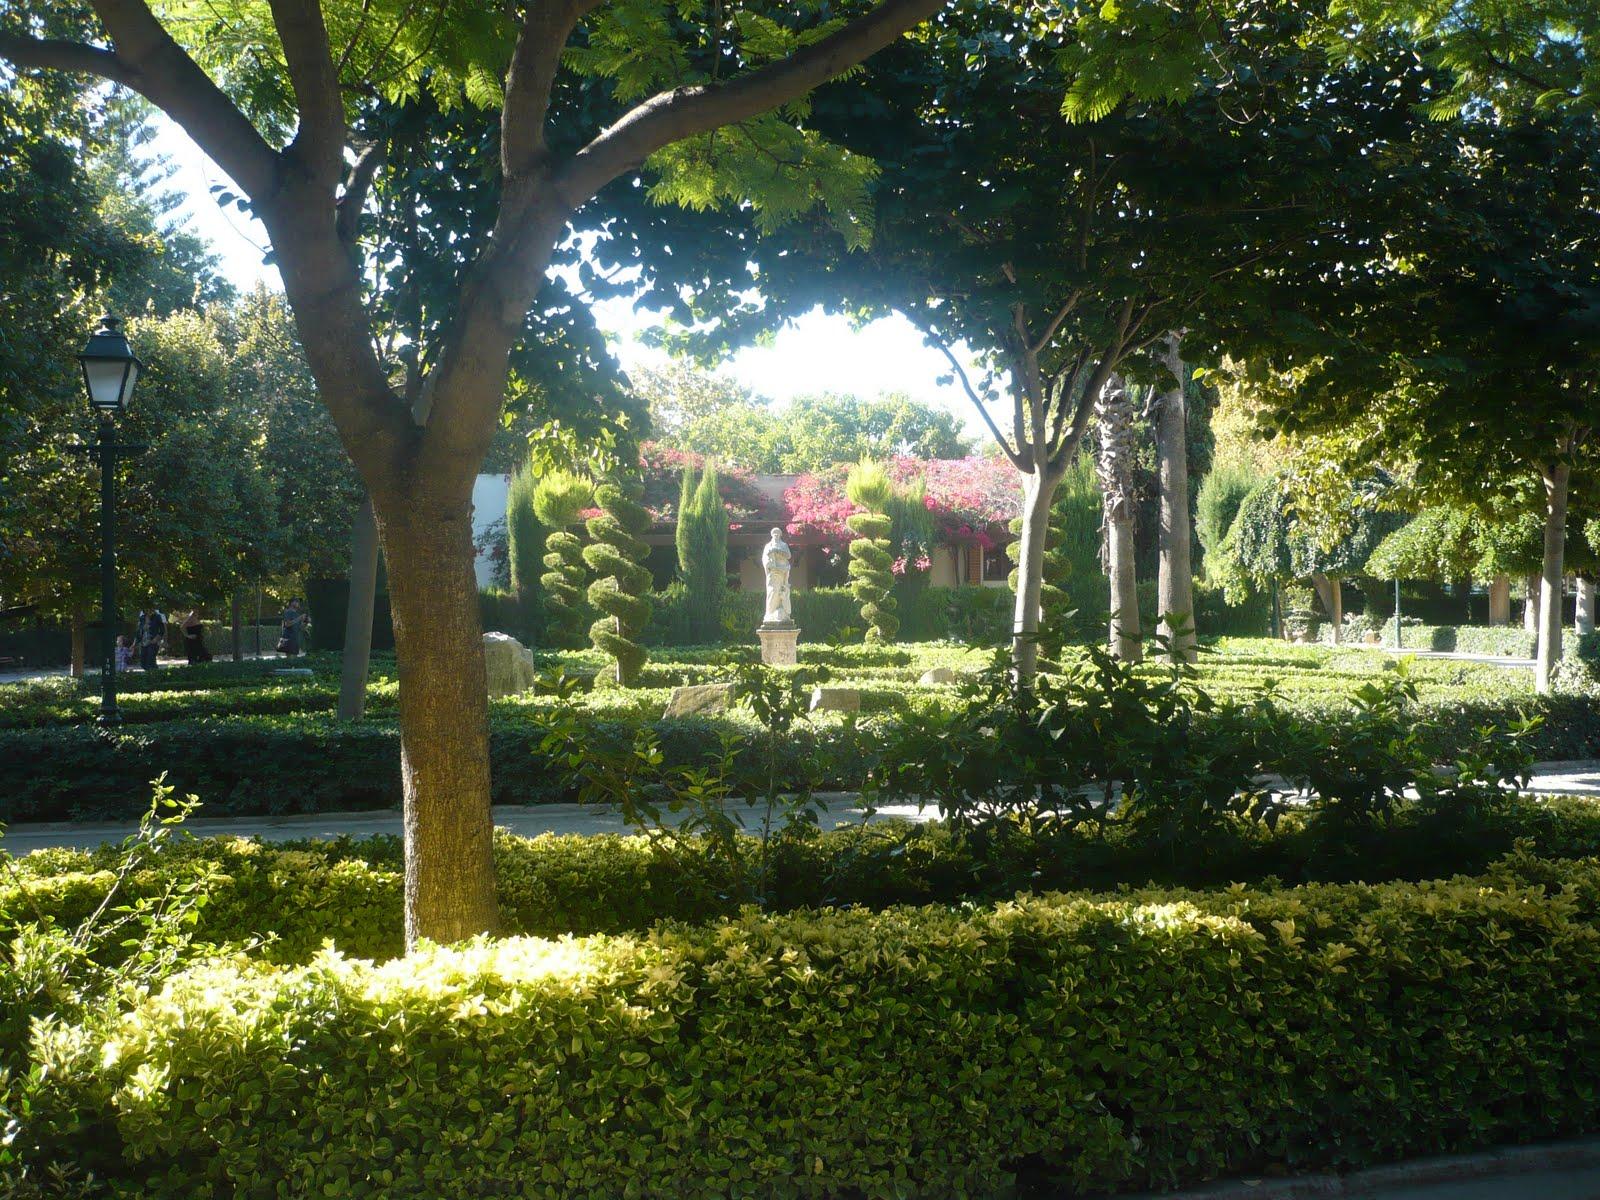 Descubriendo valencia jardines del real for Vivero el estanque